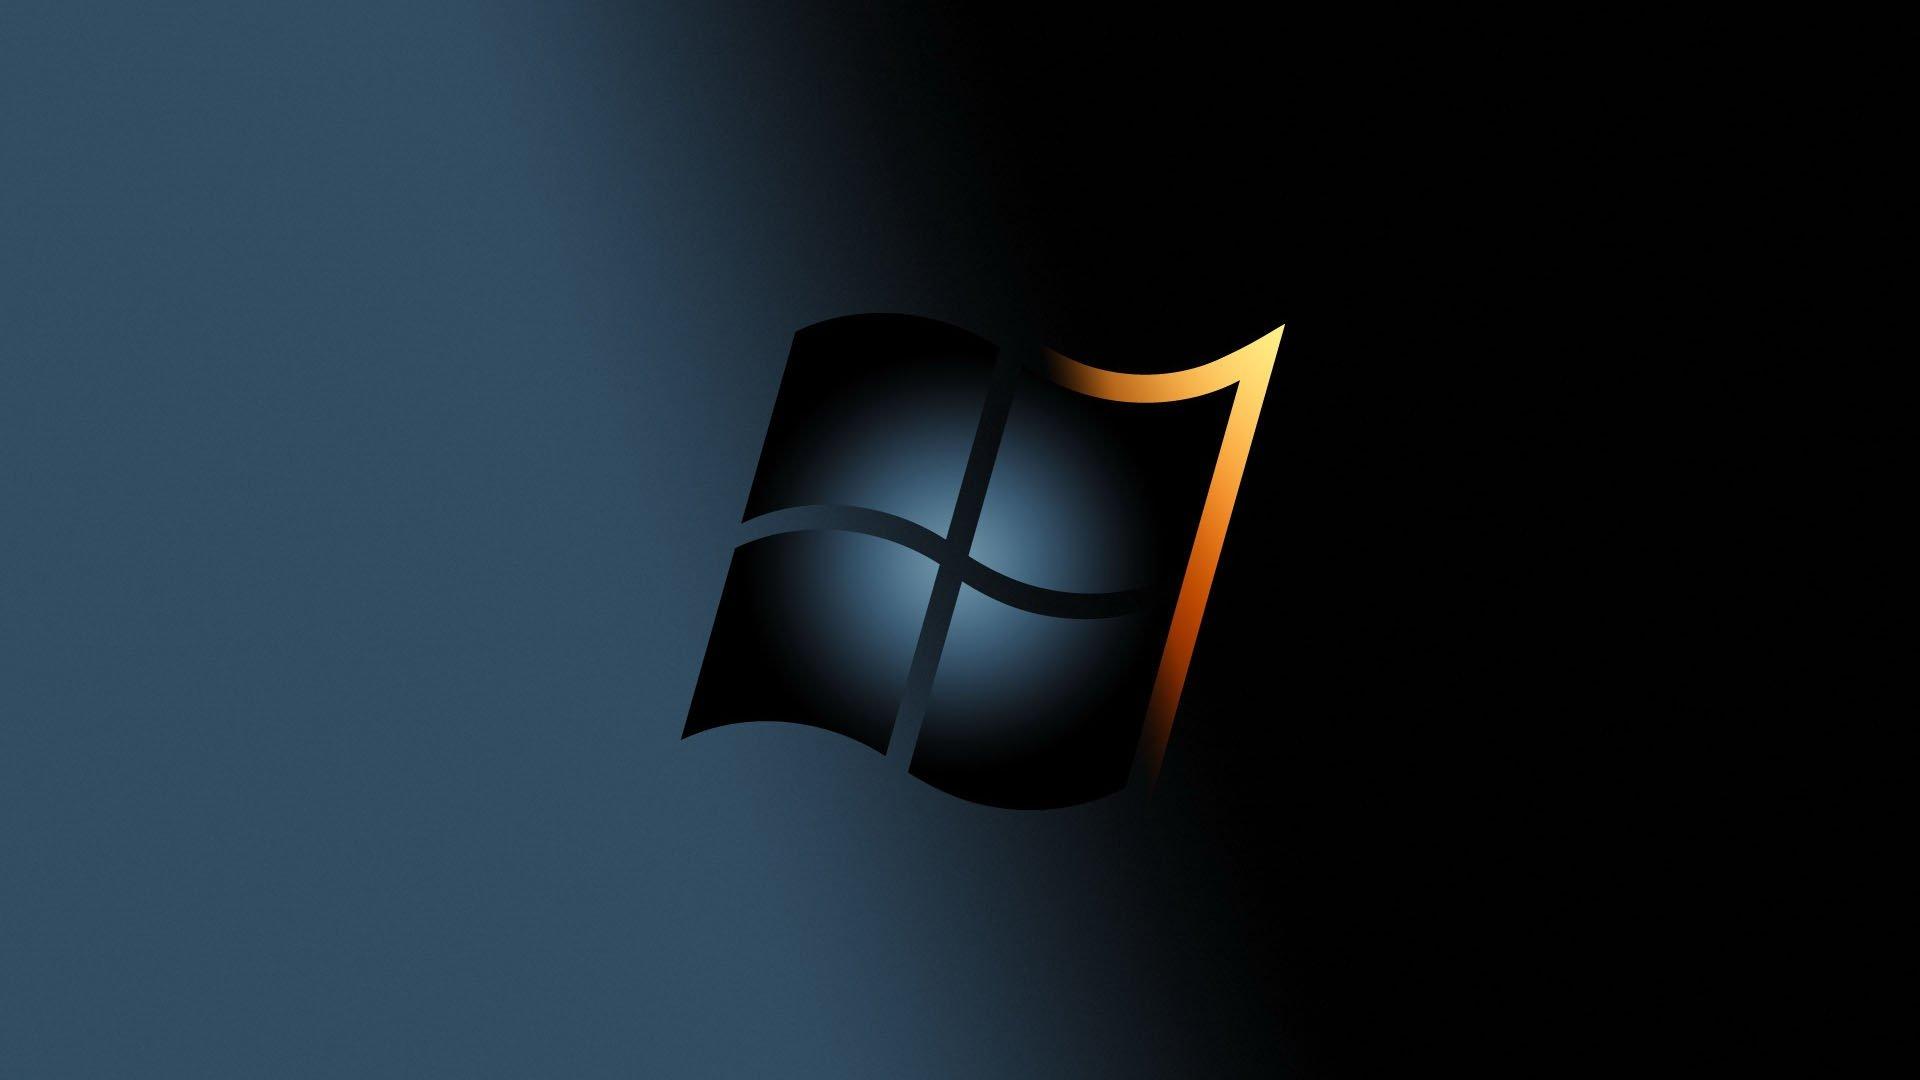 Fonds dcran Windows 7 tous les wallpapers Windows 7 1920x1080